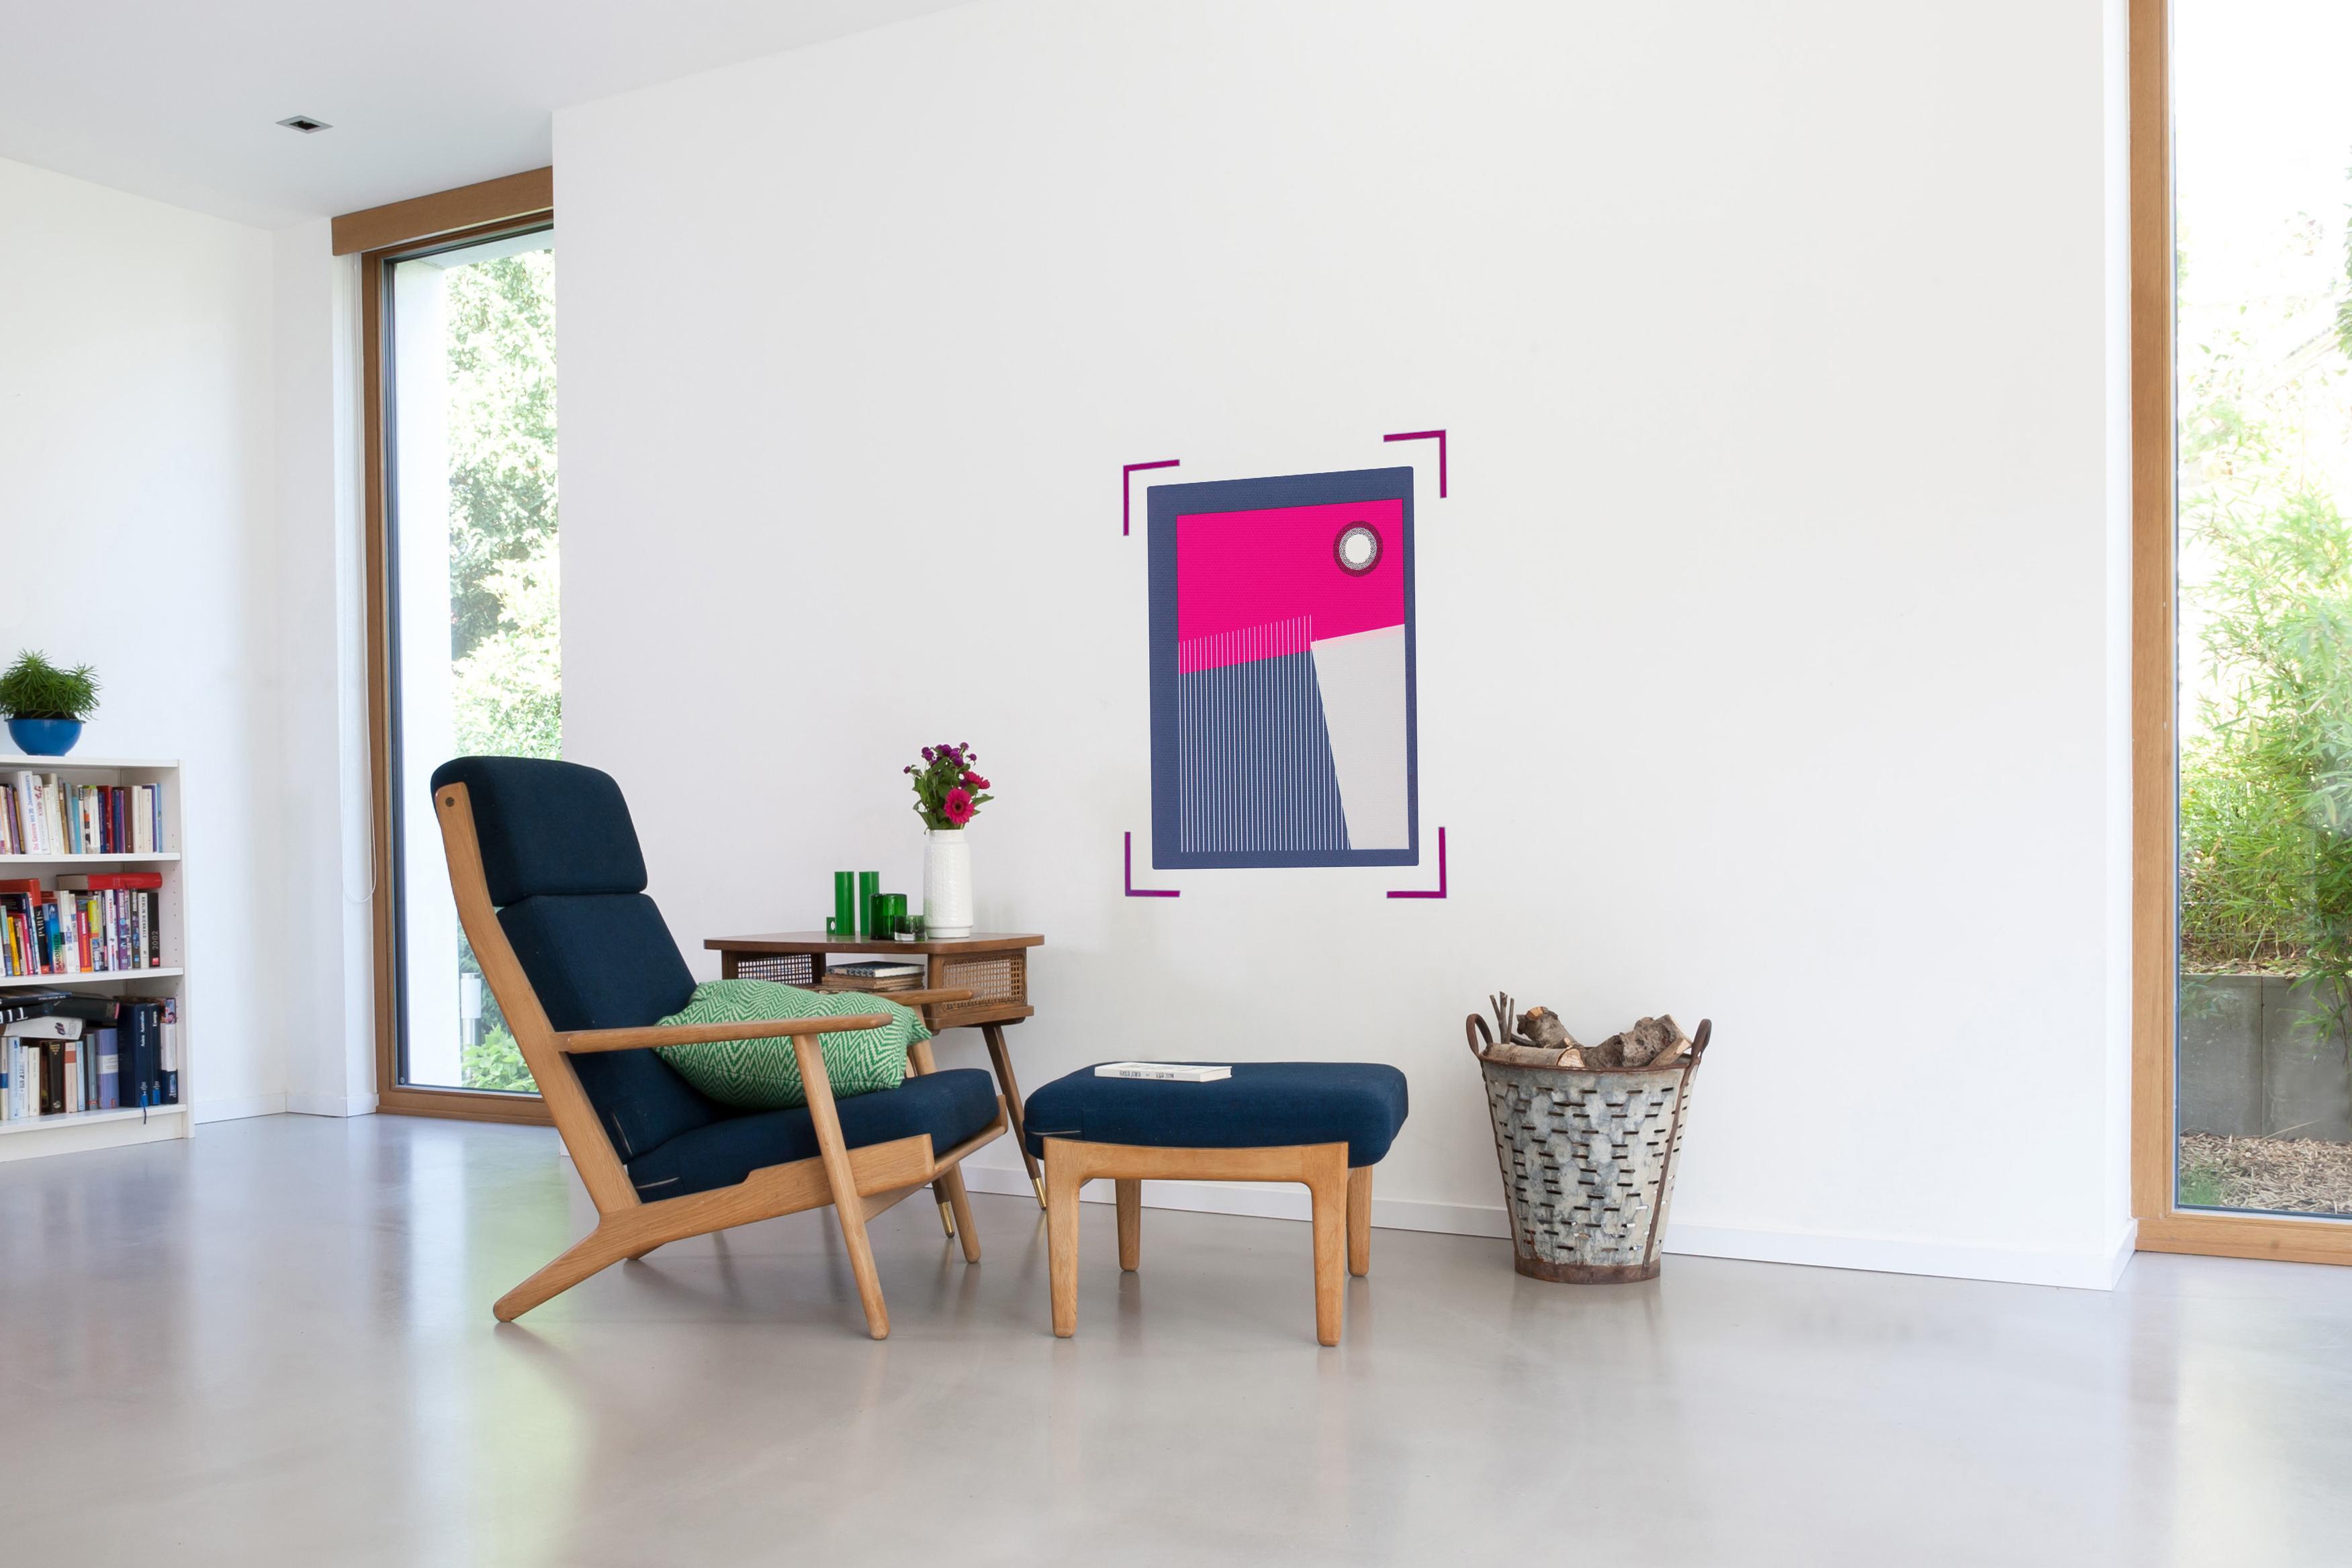 Bild Anordnen Bilder Ideen Couch